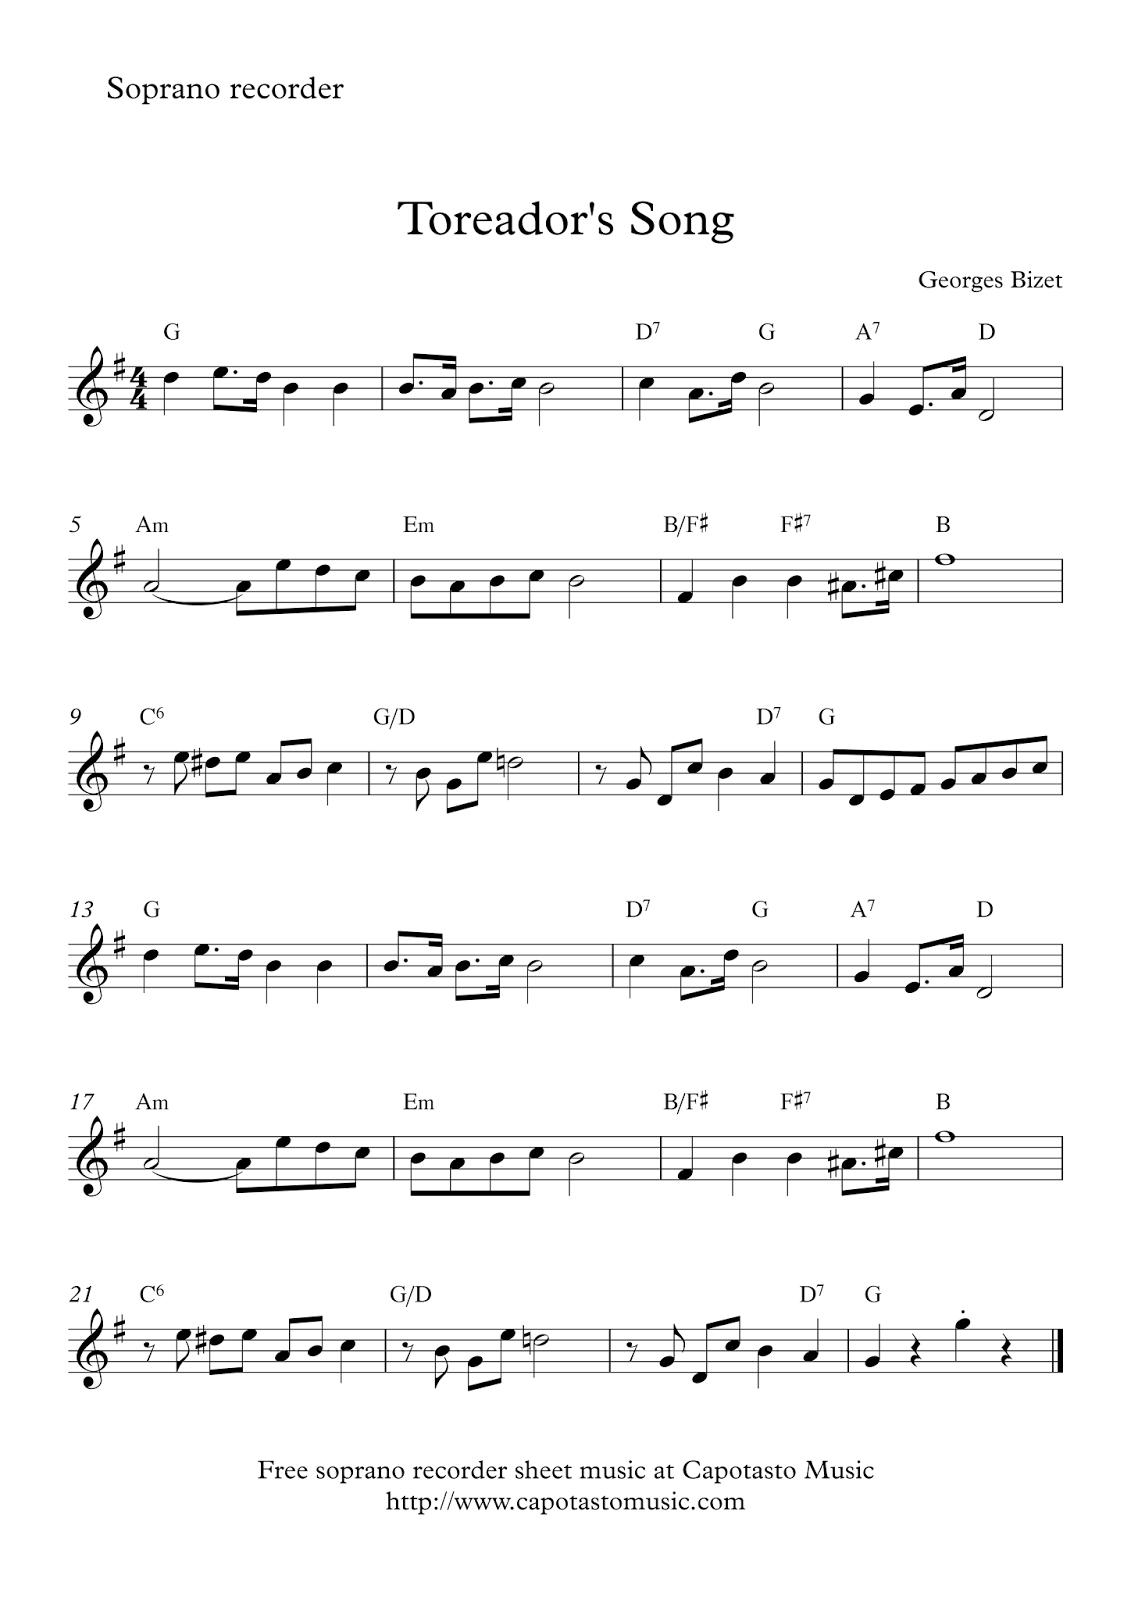 Toreador's Song   Free Easy Soprano Recorder Sheet Music - Free Printable Recorder Sheet Music For Beginners